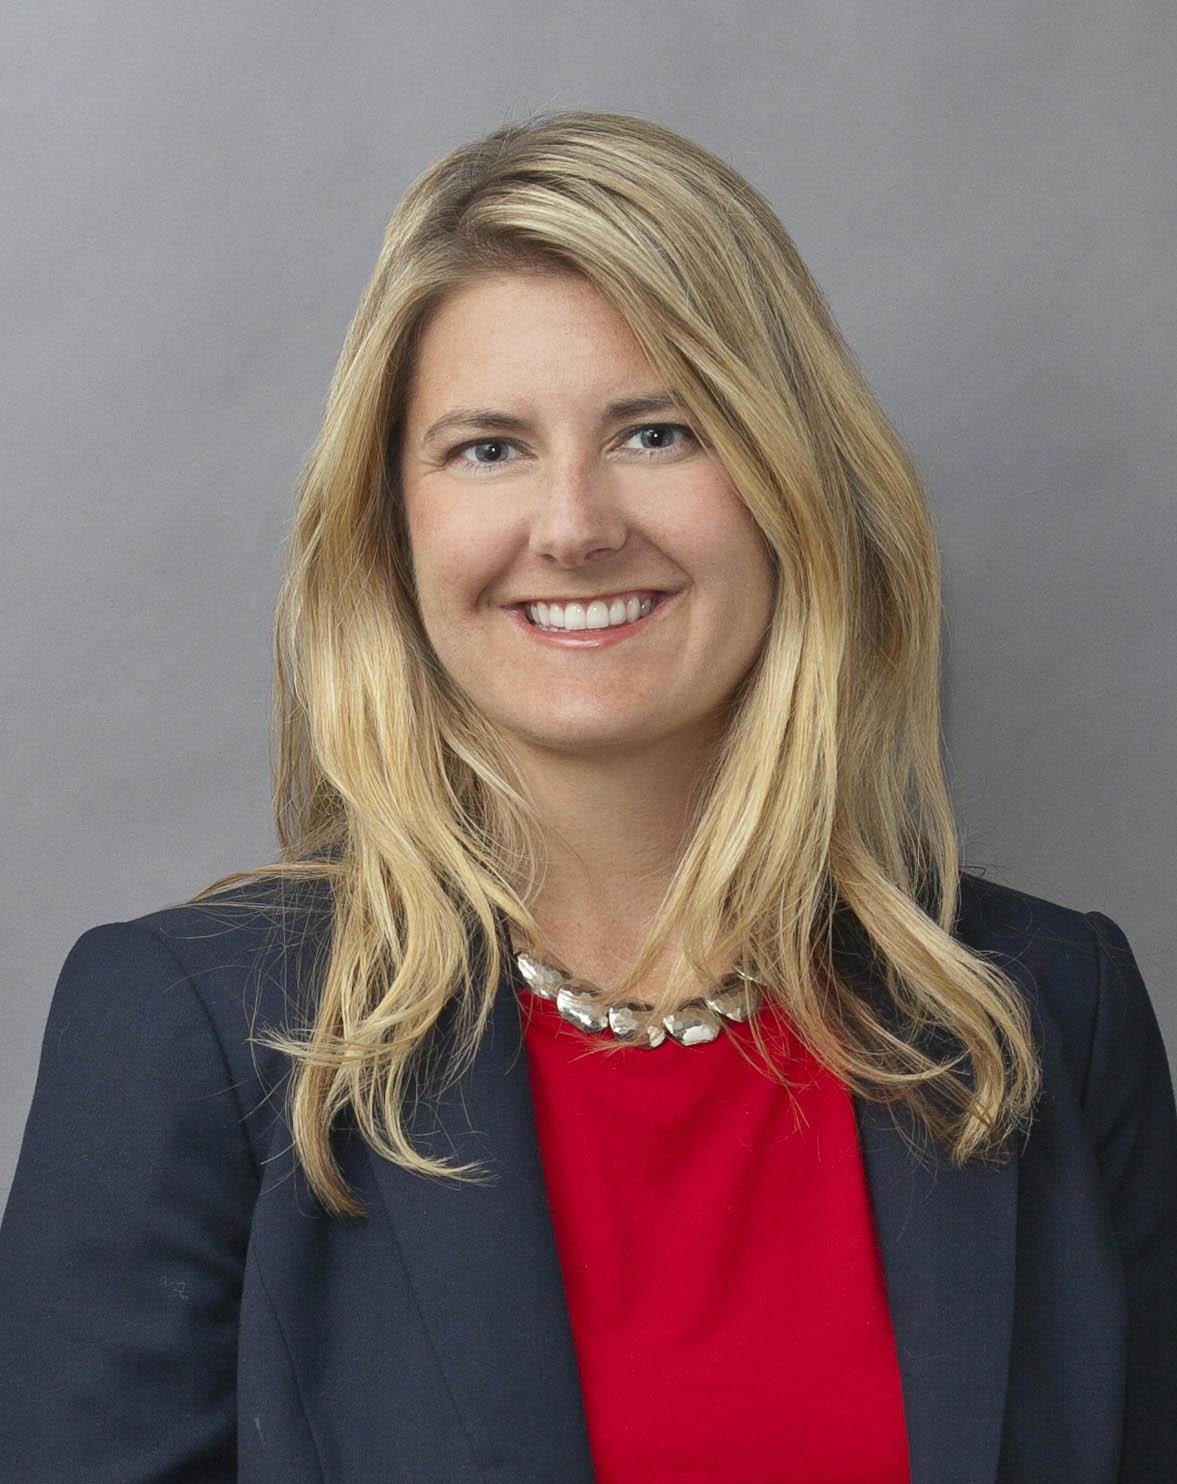 Monona Bank Loan Specialist Ann Tieman